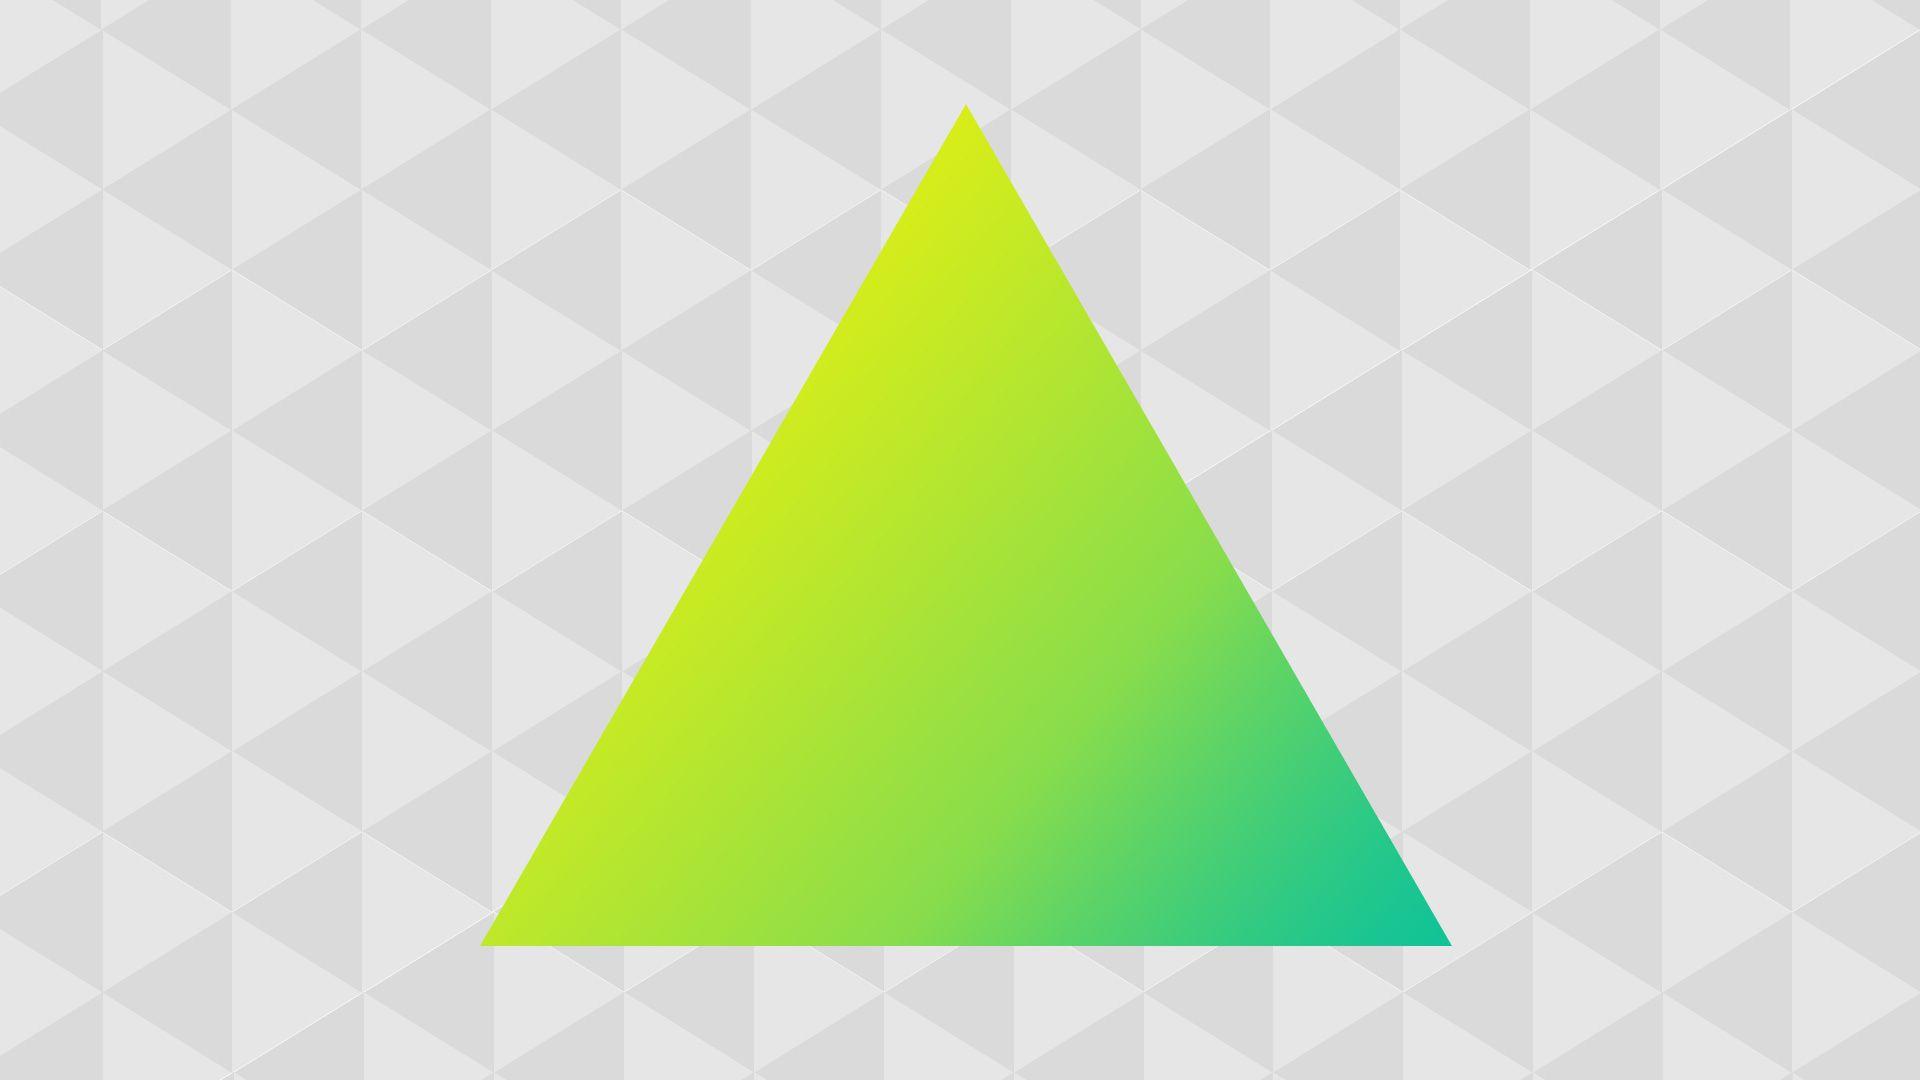 WEBデザインで三角形を作る方法まとめ